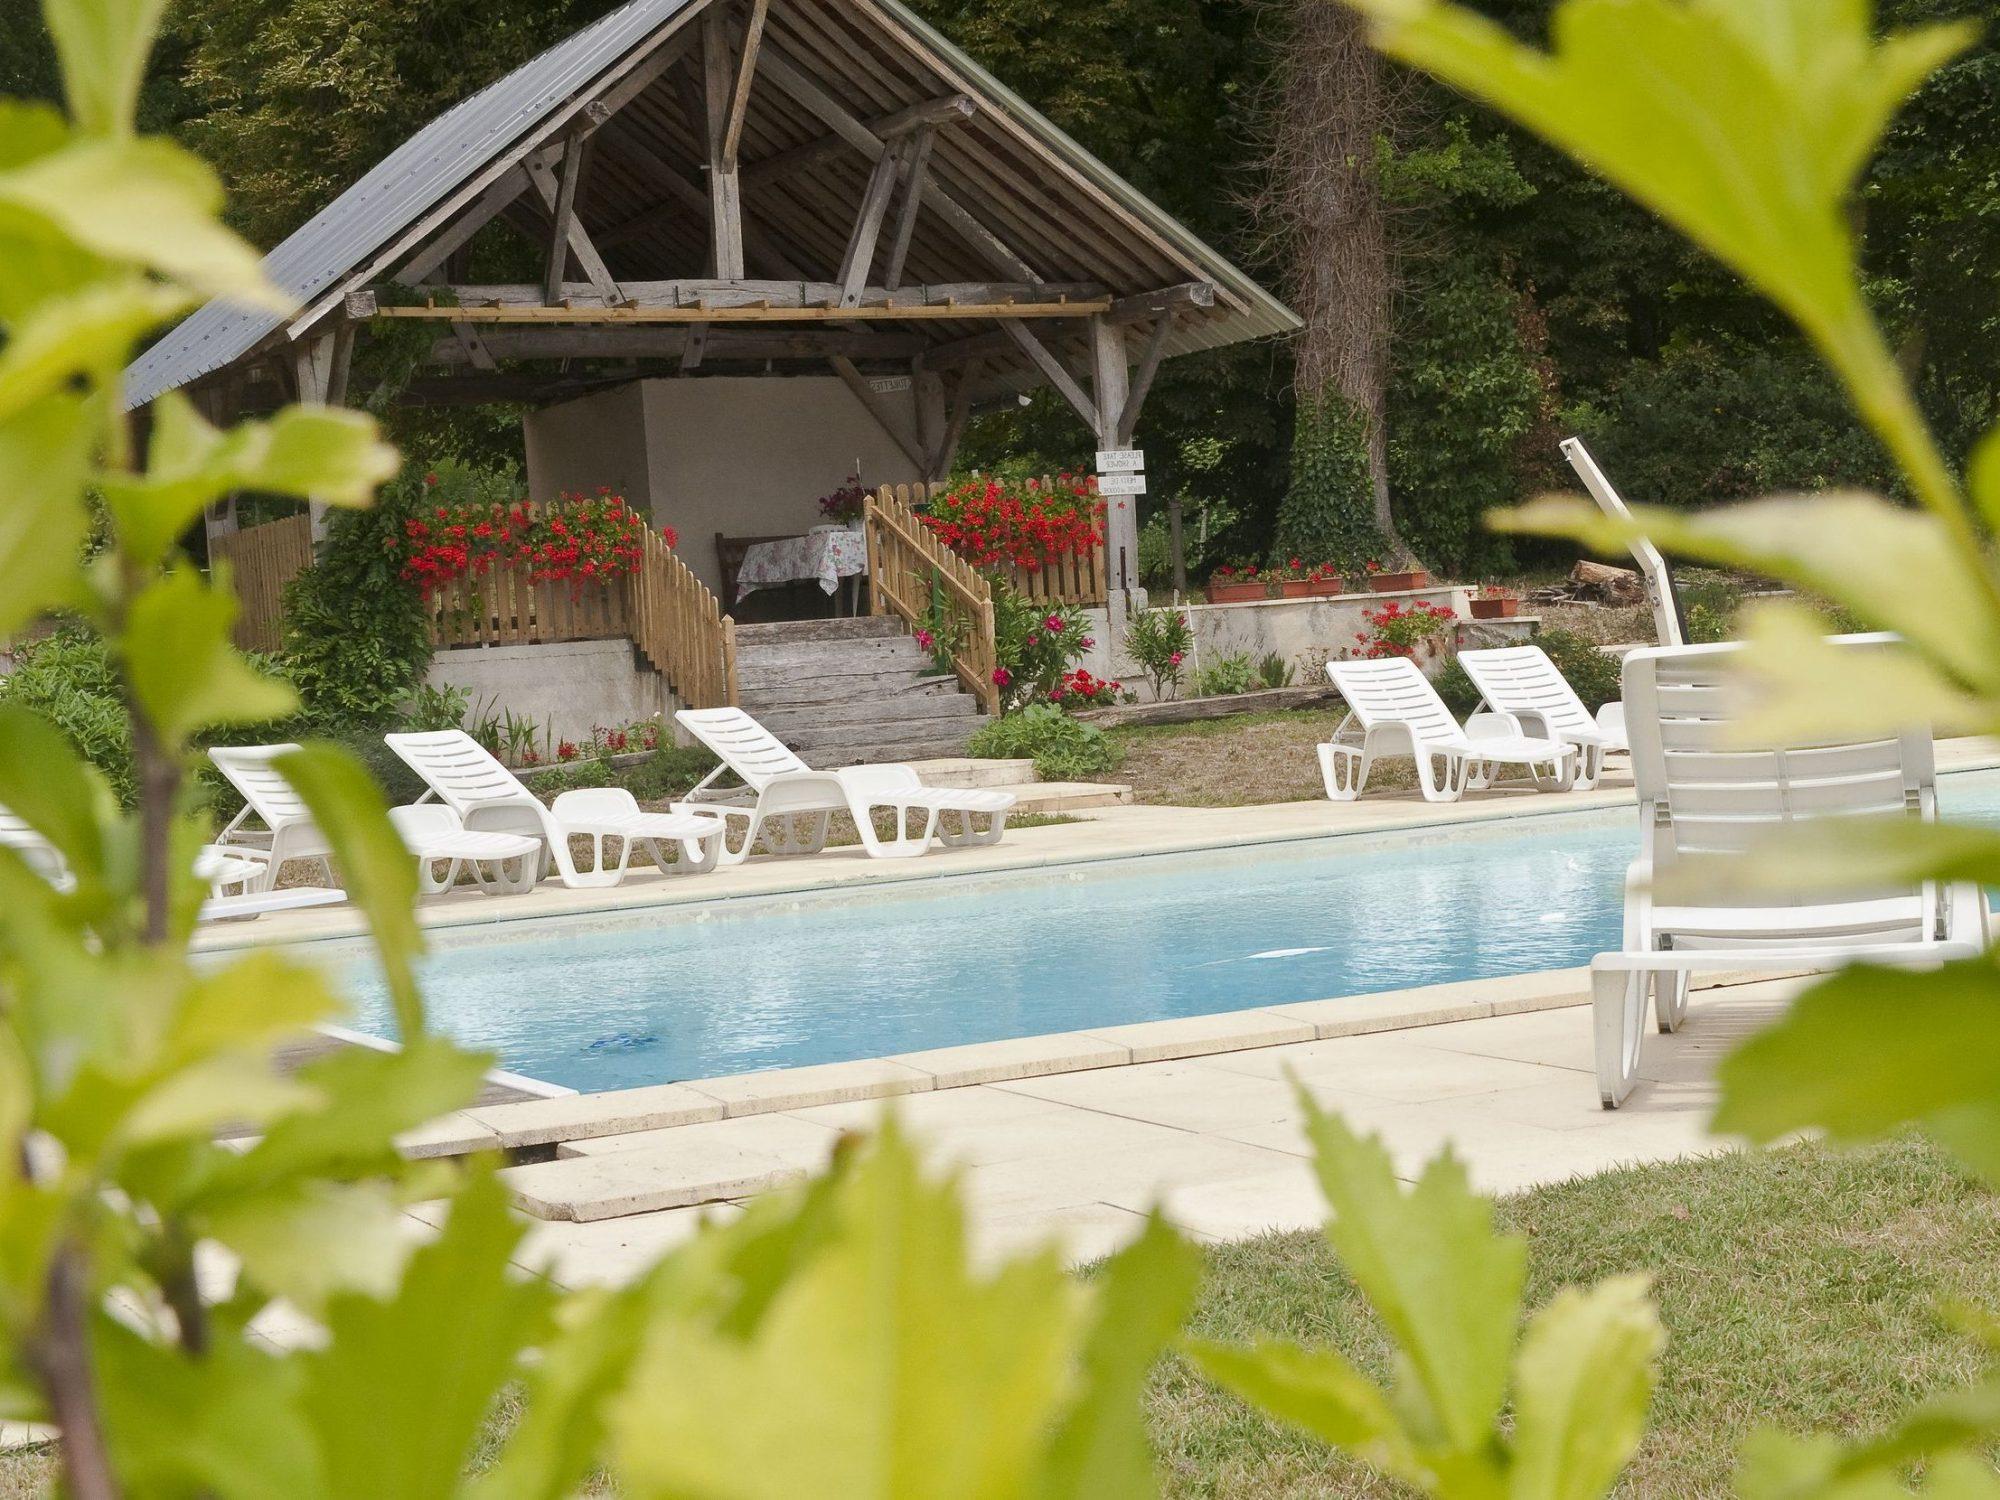 activité loisirs piscine plongeoir pool house chateau salvert gites appartement chambre d'hotes